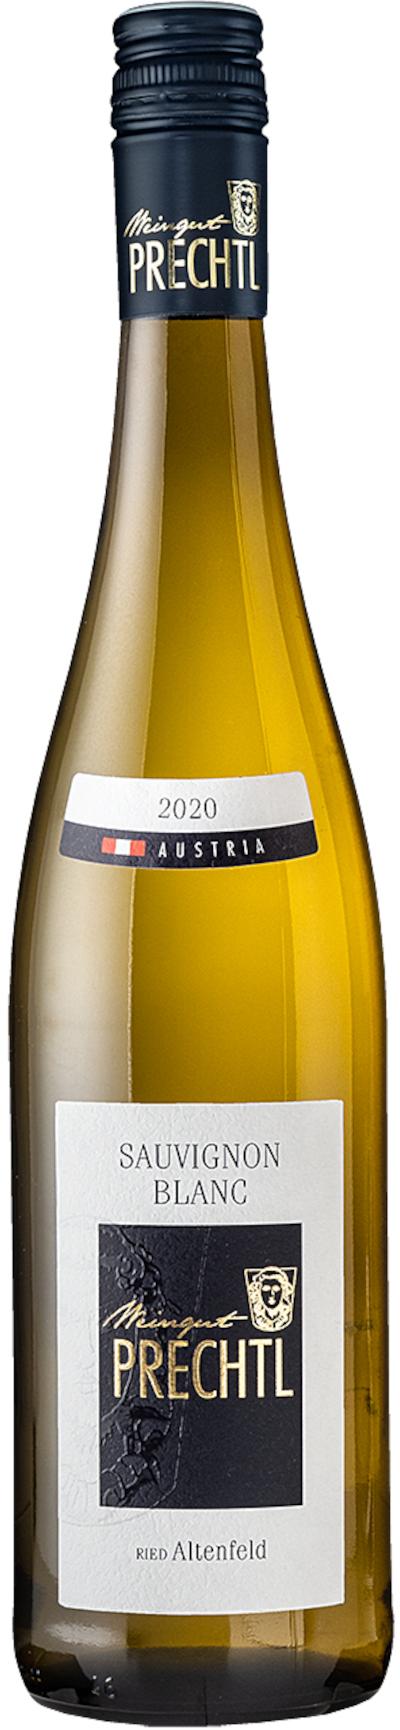 Prechtl - Sauvignon Blanc Altenfeld